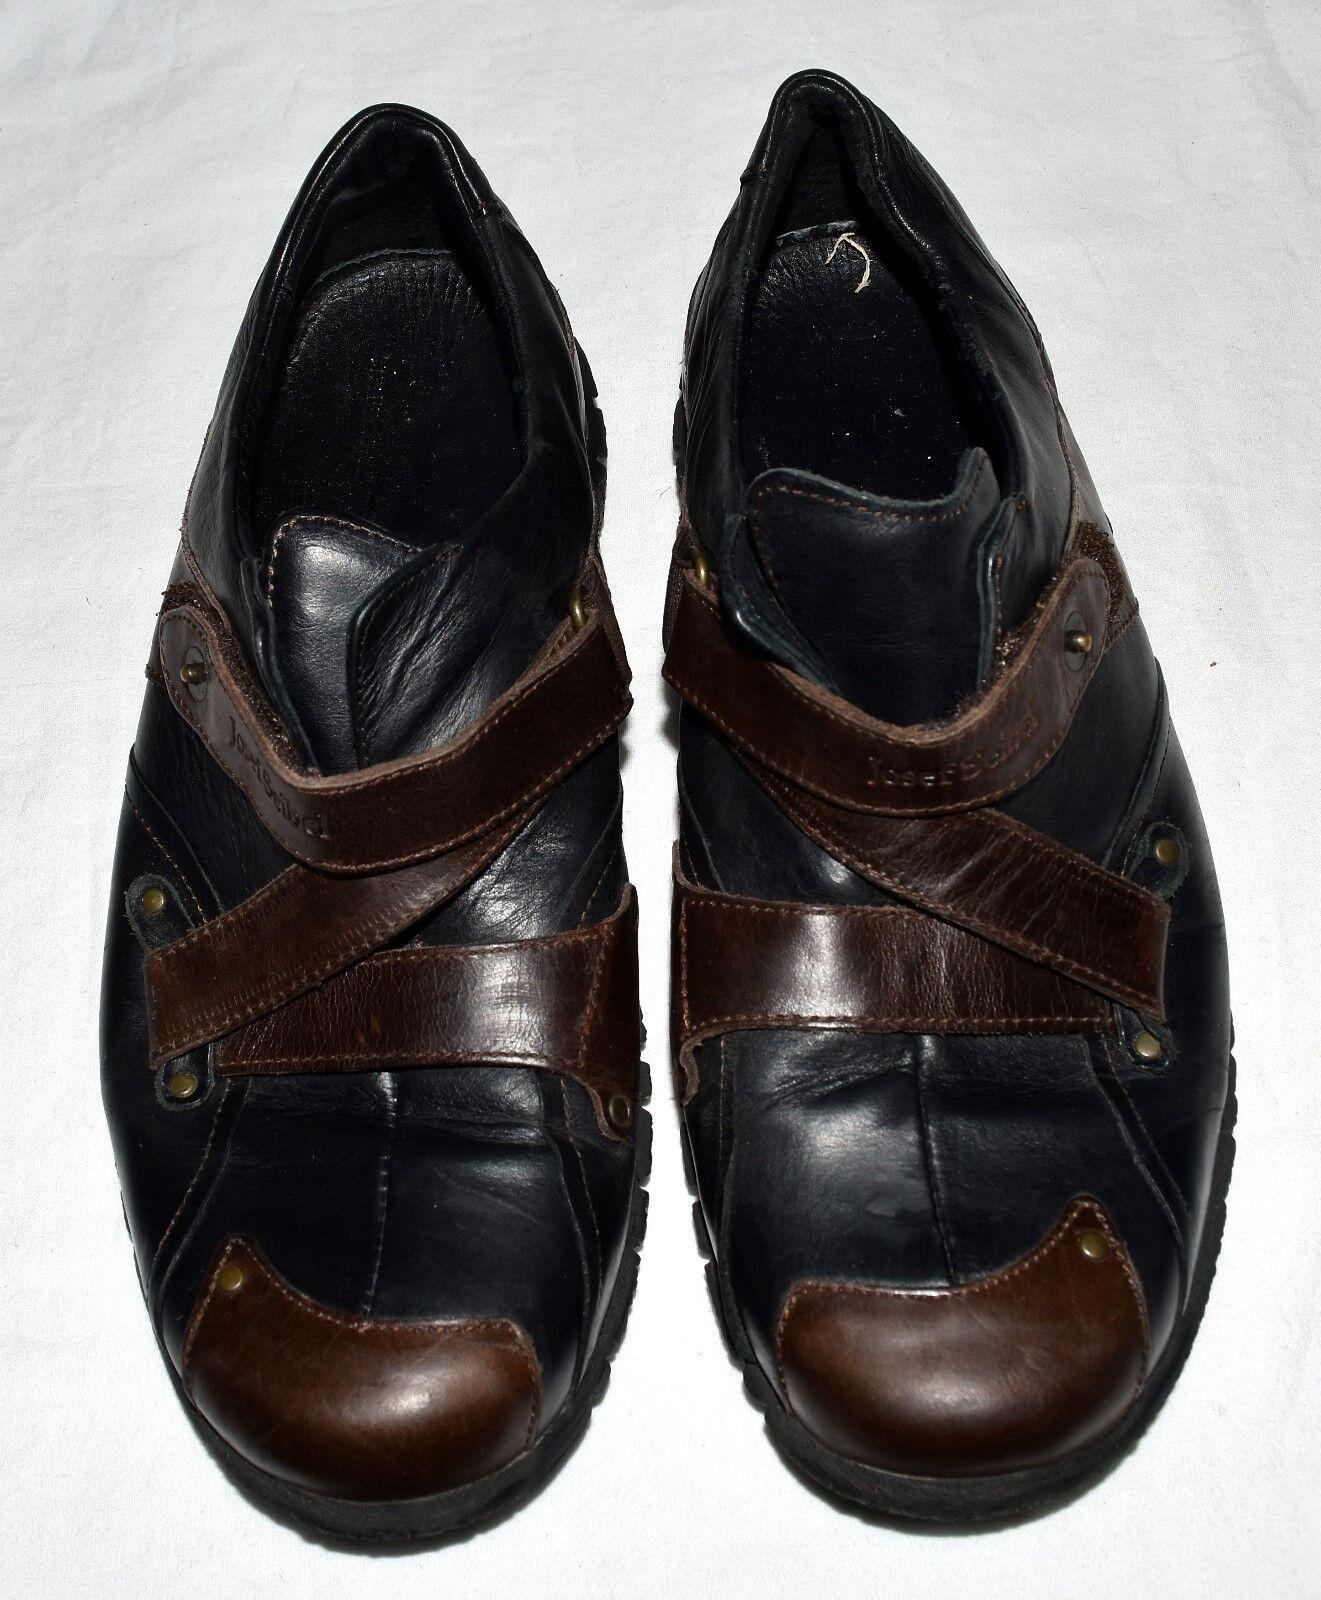 Josef Siebel European Comfort Black & Brown Leather Womens shoes Eur 38 US 7.5 M